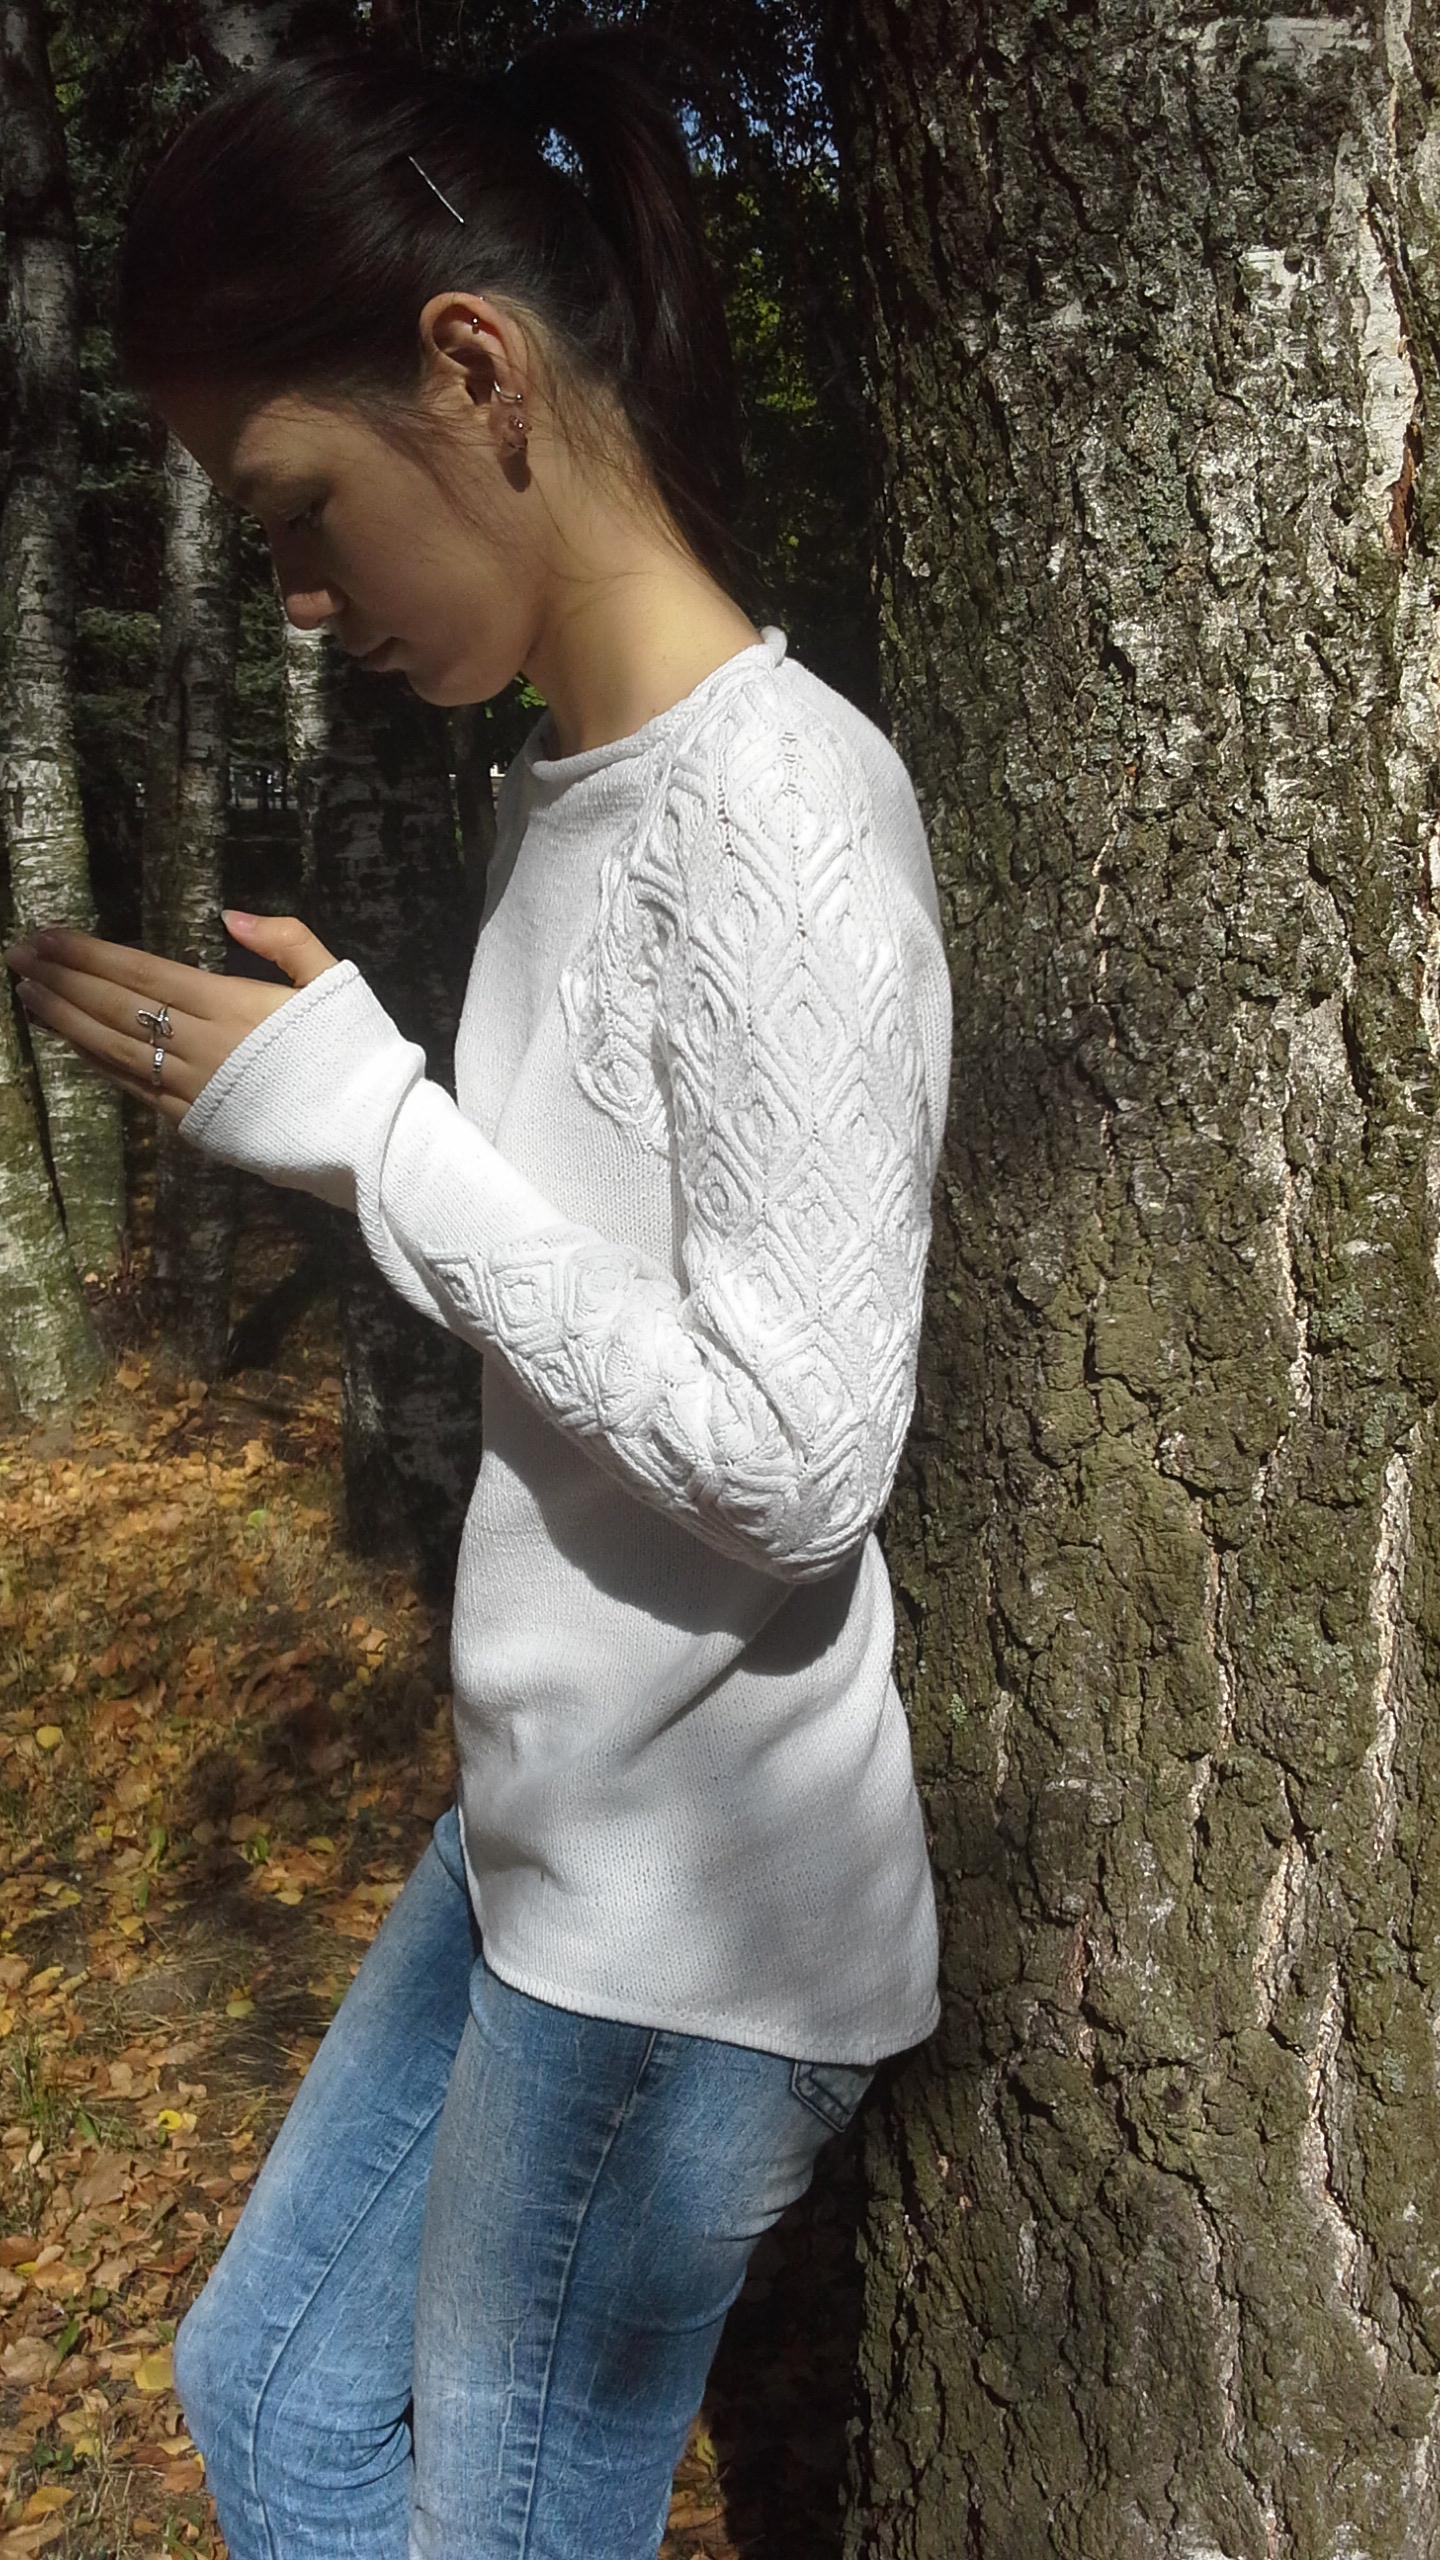 白色插肩套衫 - maomao - 我随心动